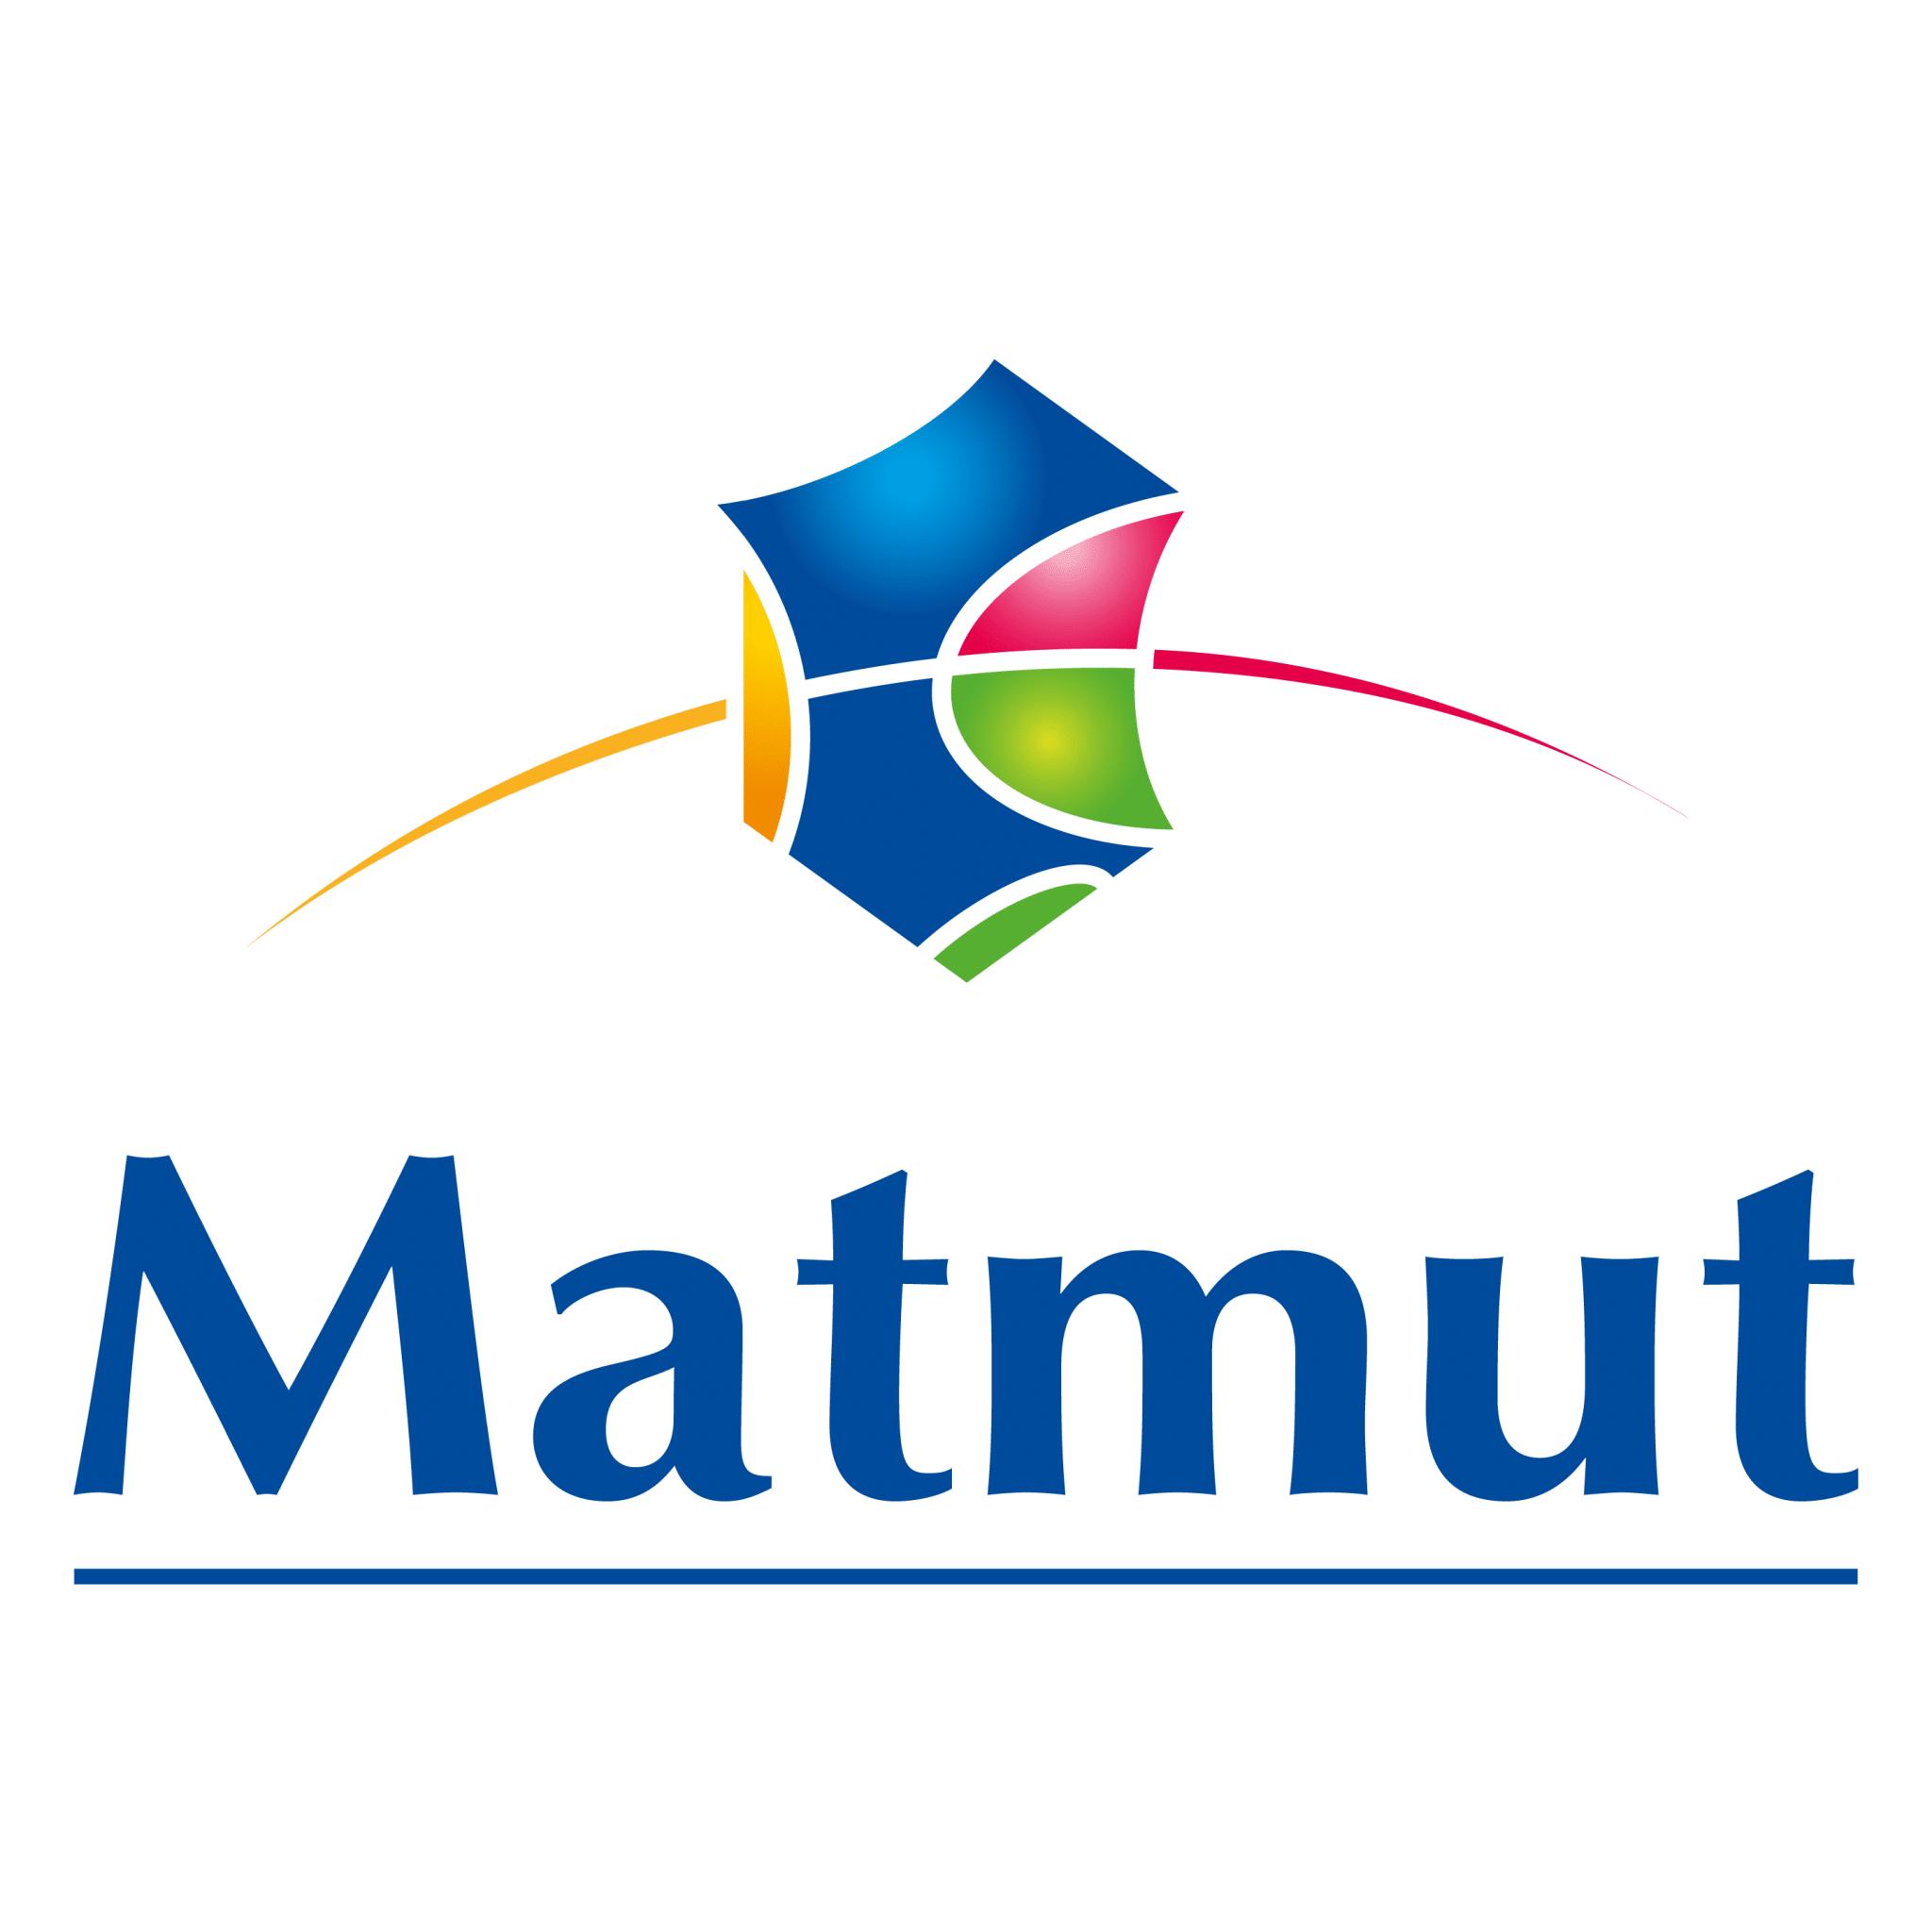 AFD partenaire en recherche de fuite d'eau de la Matmut